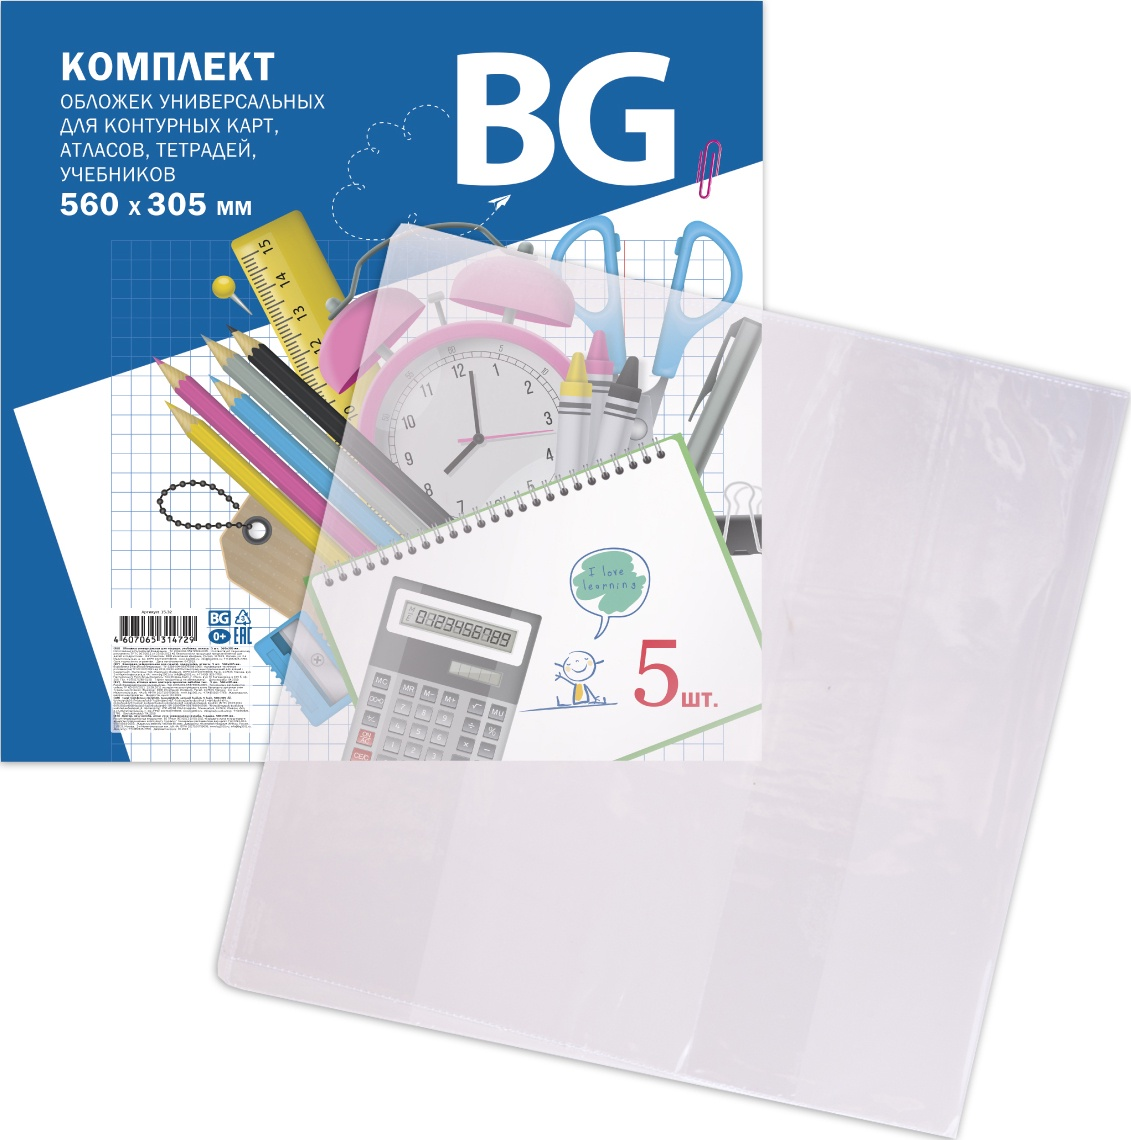 цены на Комплект универсальных обложек BG для контурных карт, атласов, тетрадей, учебников 5шт. (размер 560х305 мм)  в интернет-магазинах